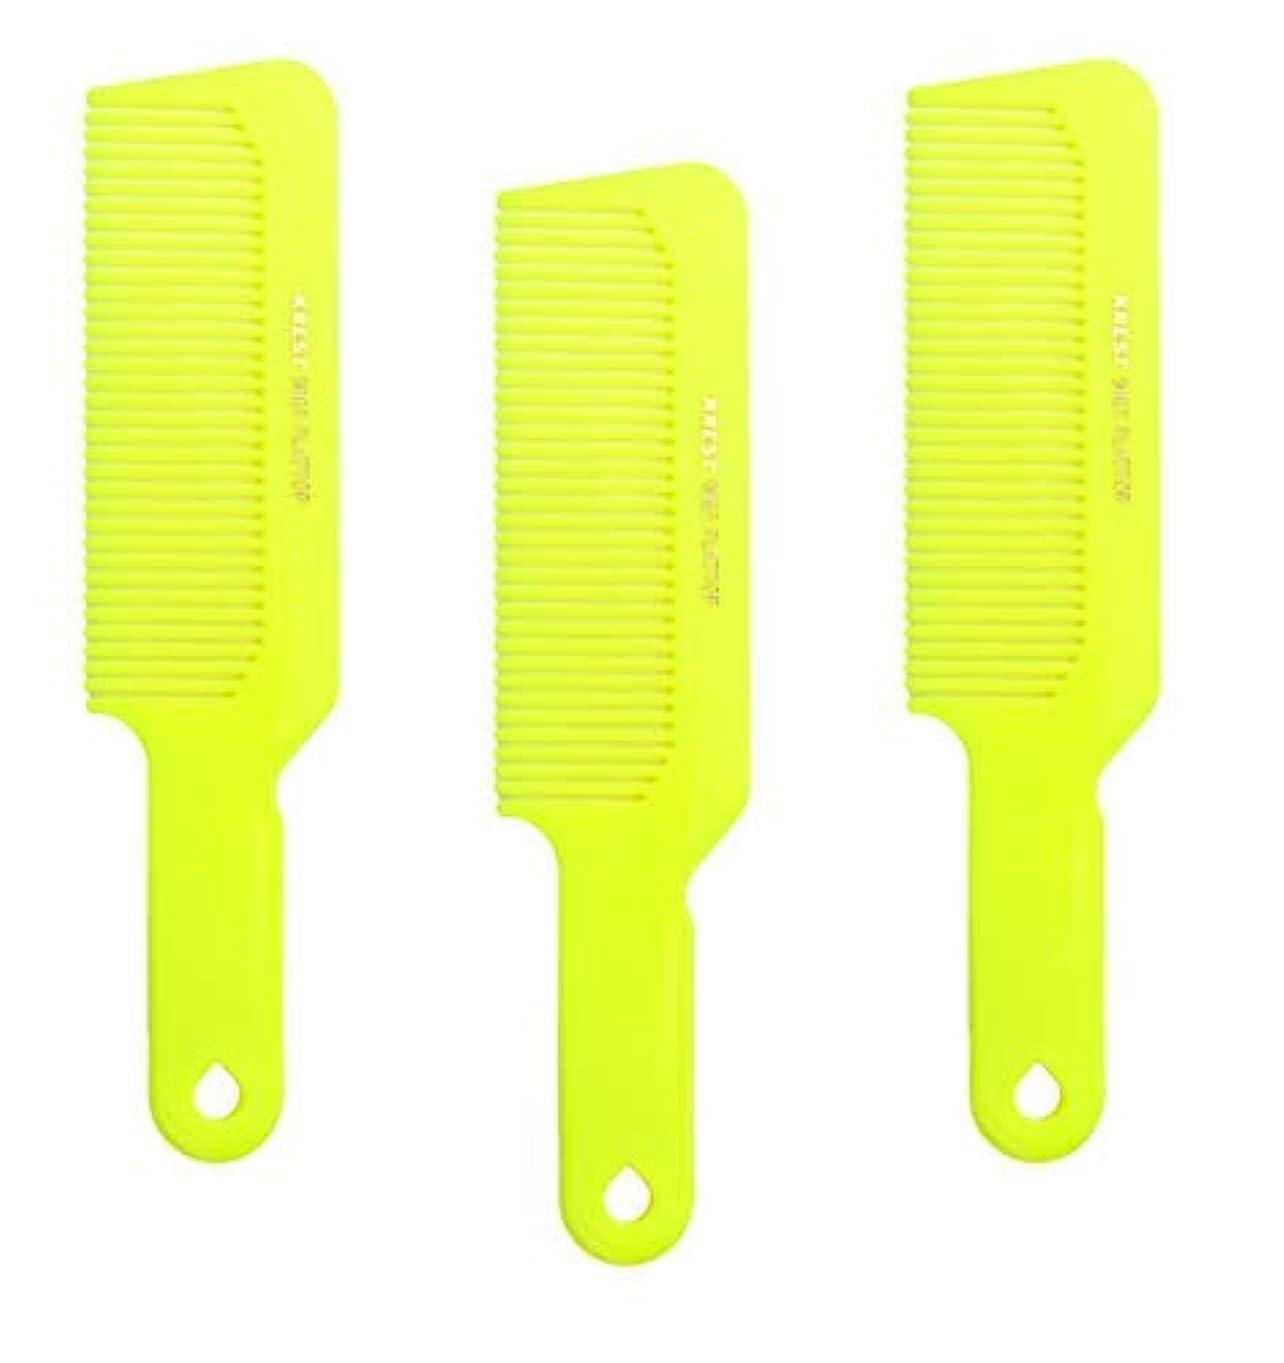 評決業界やろうHair Comb 8-3/4 Flattop Hair Cutting Comb. Barbers Hairdresser Comb. Model 9001. 3 Combs (Neon Yellow) [並行輸入品]